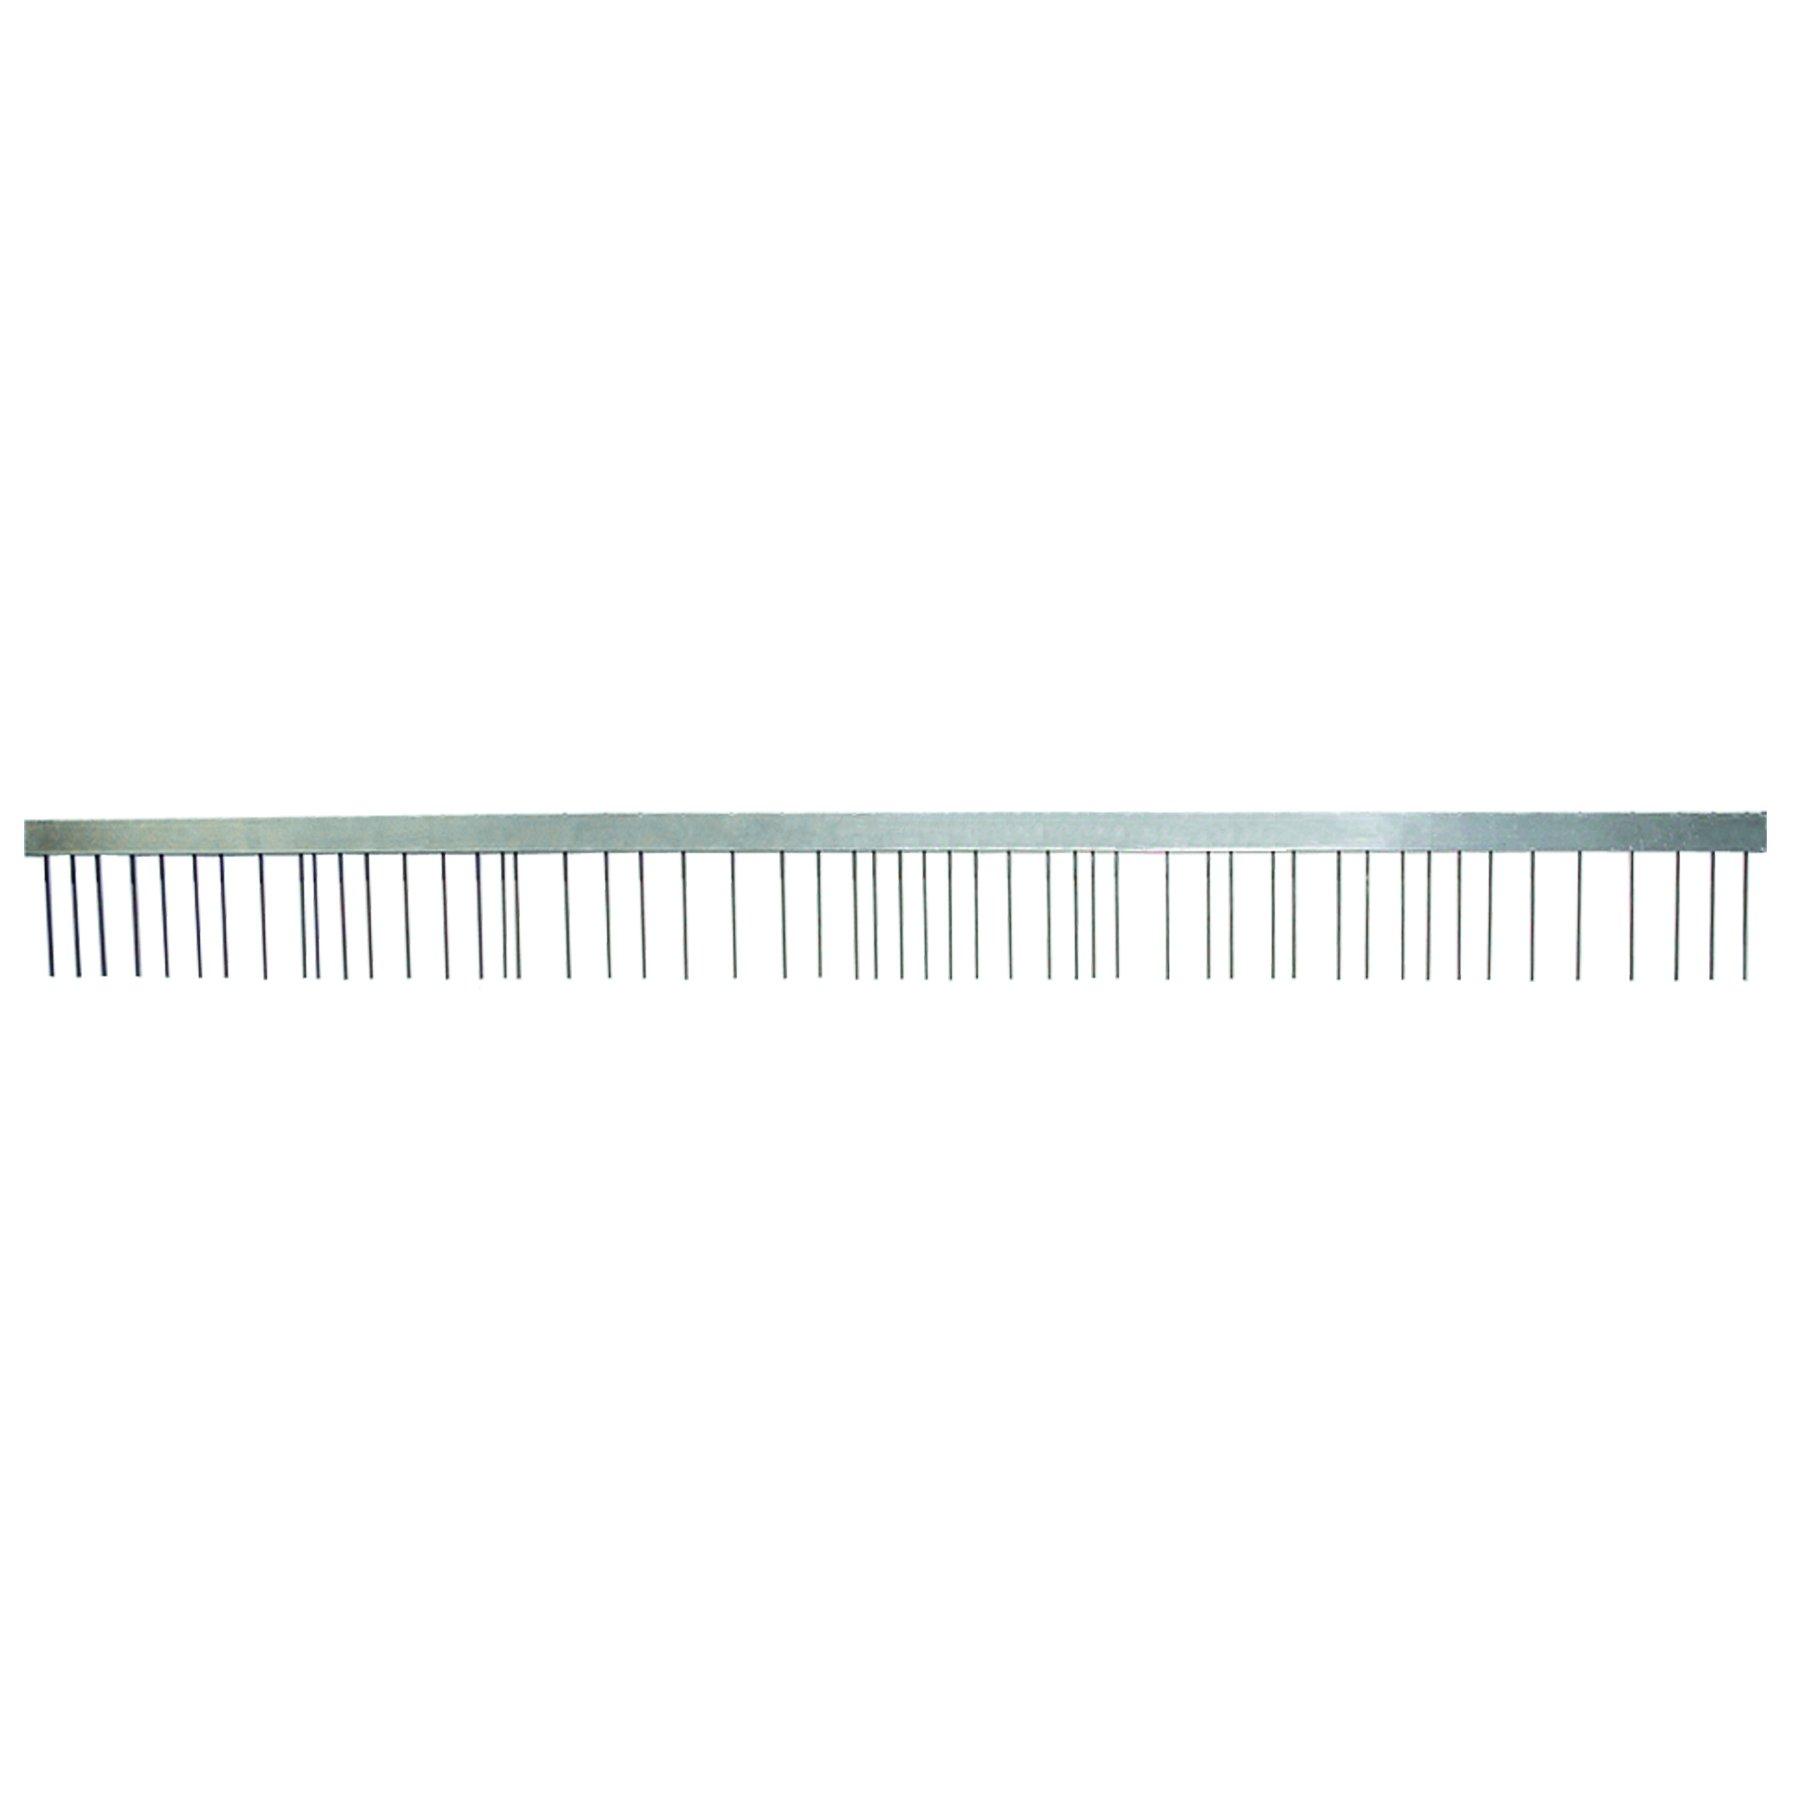 Bon 22-154 Texture Comb 60'' Random Spacing ''B''